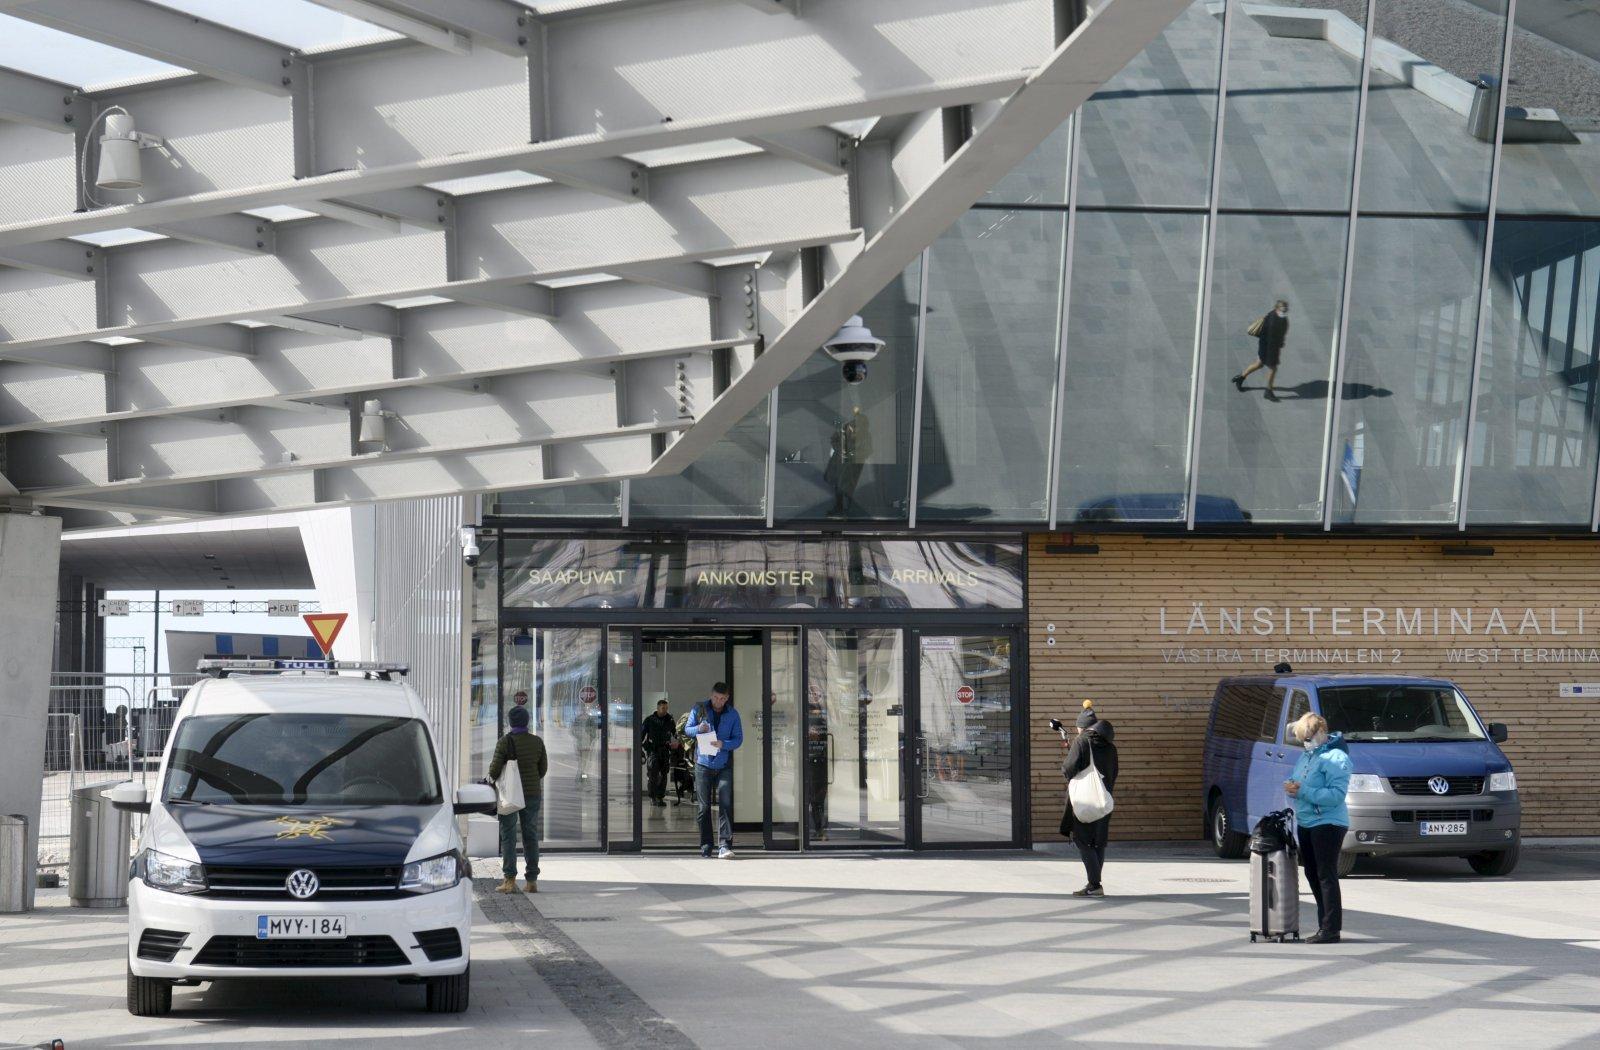 Soome majandusministri arvates on reisipiirangud liiga ranged, ta tõstaks piiri 25 koroonajuhtumile 100 000 inimese kohta